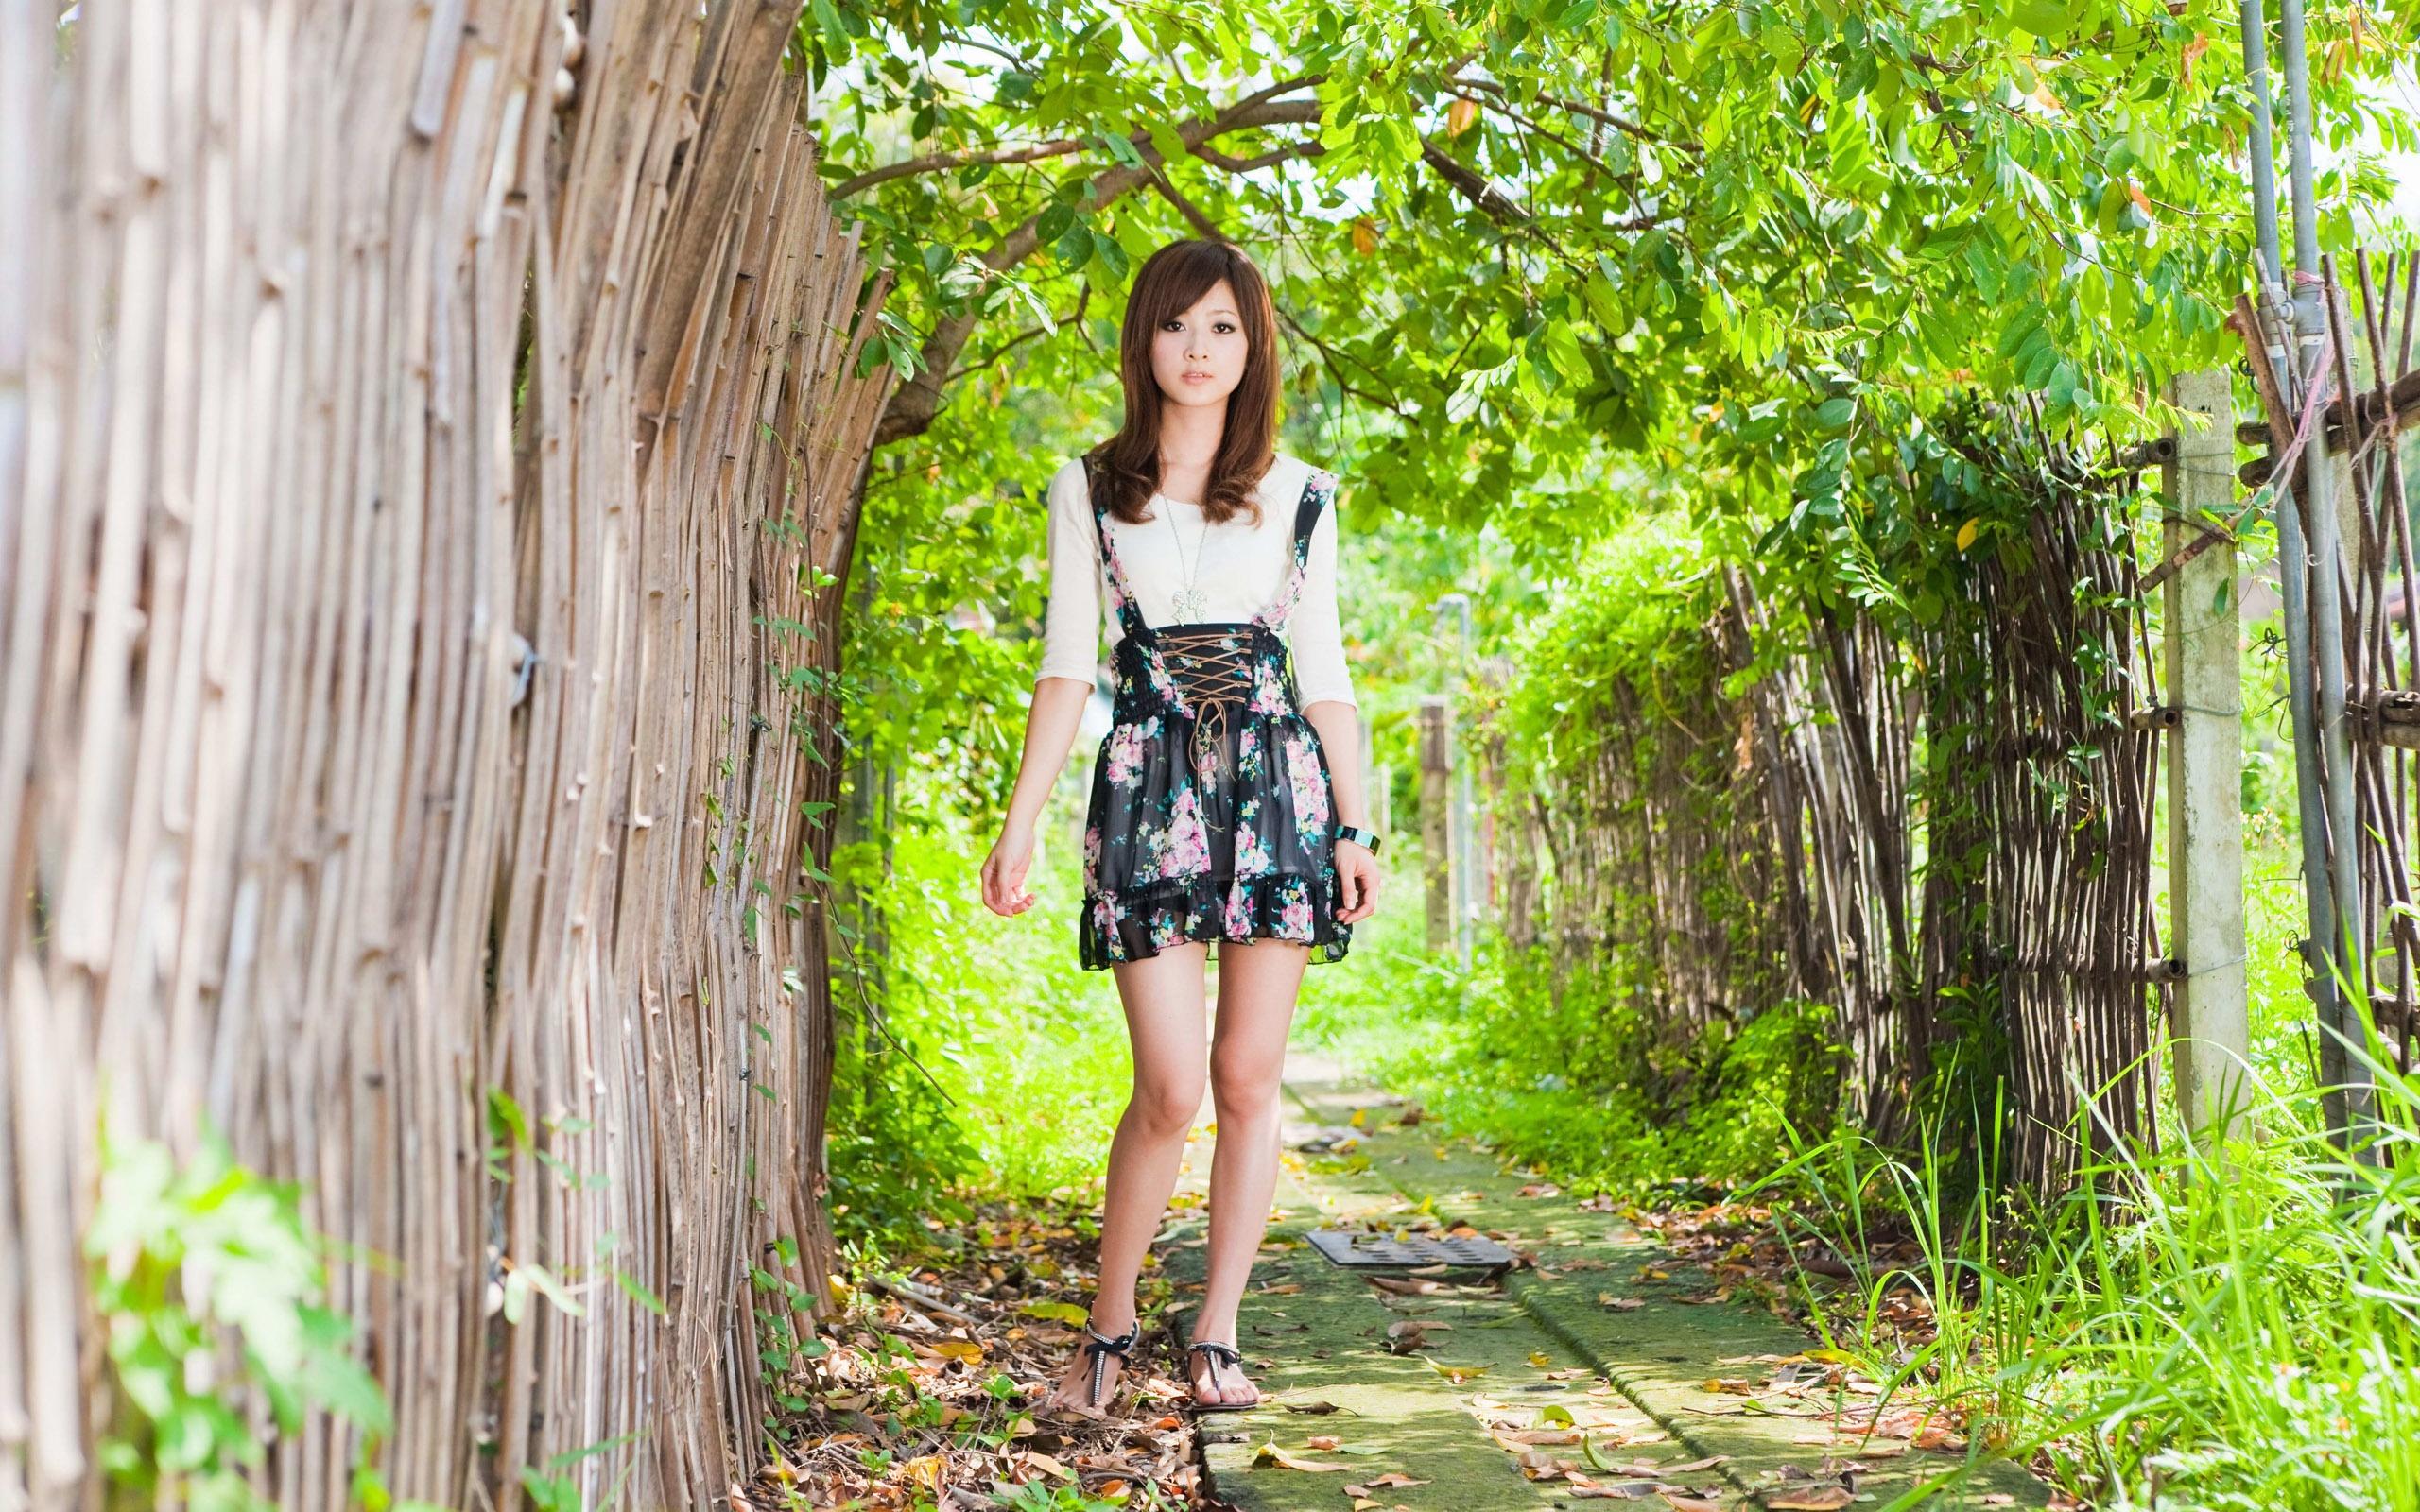 Японки девочки пизда 9 фотография